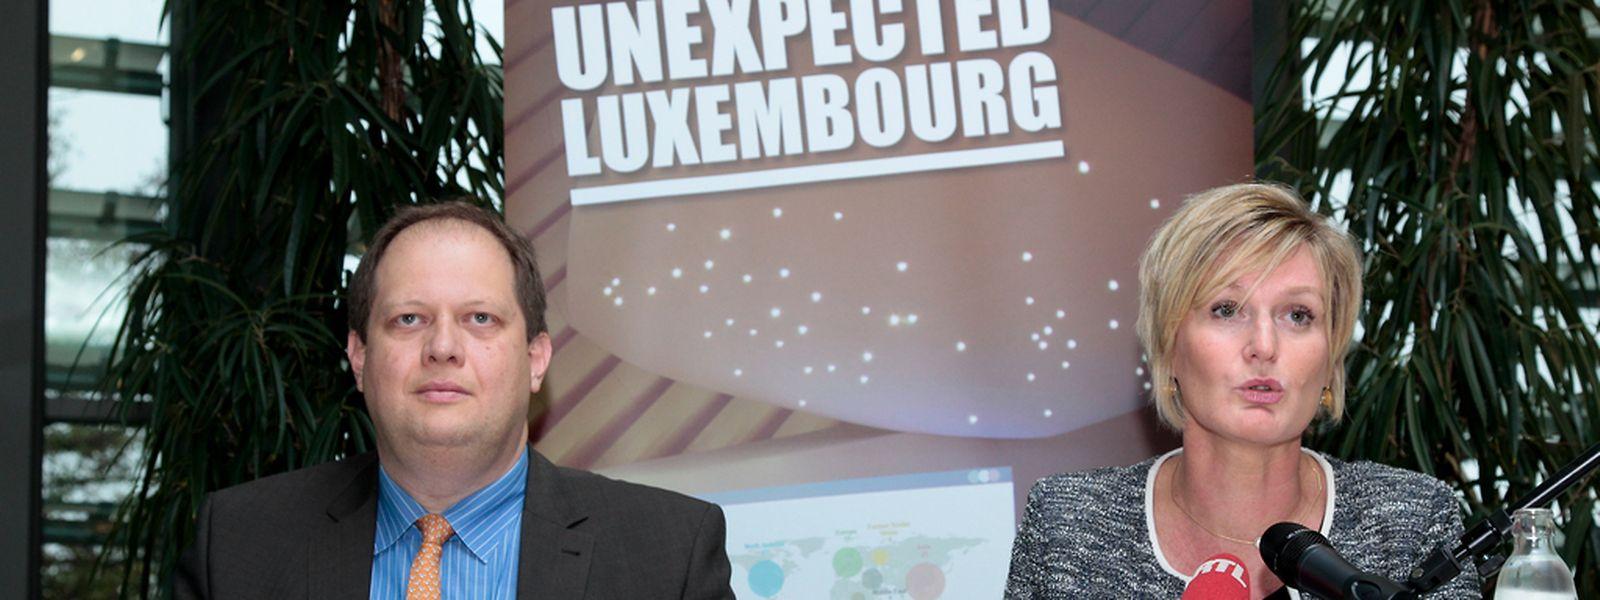 Au côté de Gilles Scholtus (Direction générale du Tourisme), la secrétaire d'Etat à l'Economie, Francine Closener, a lancé un nouveau cluster autour du tourisme d'affaires et de congrès